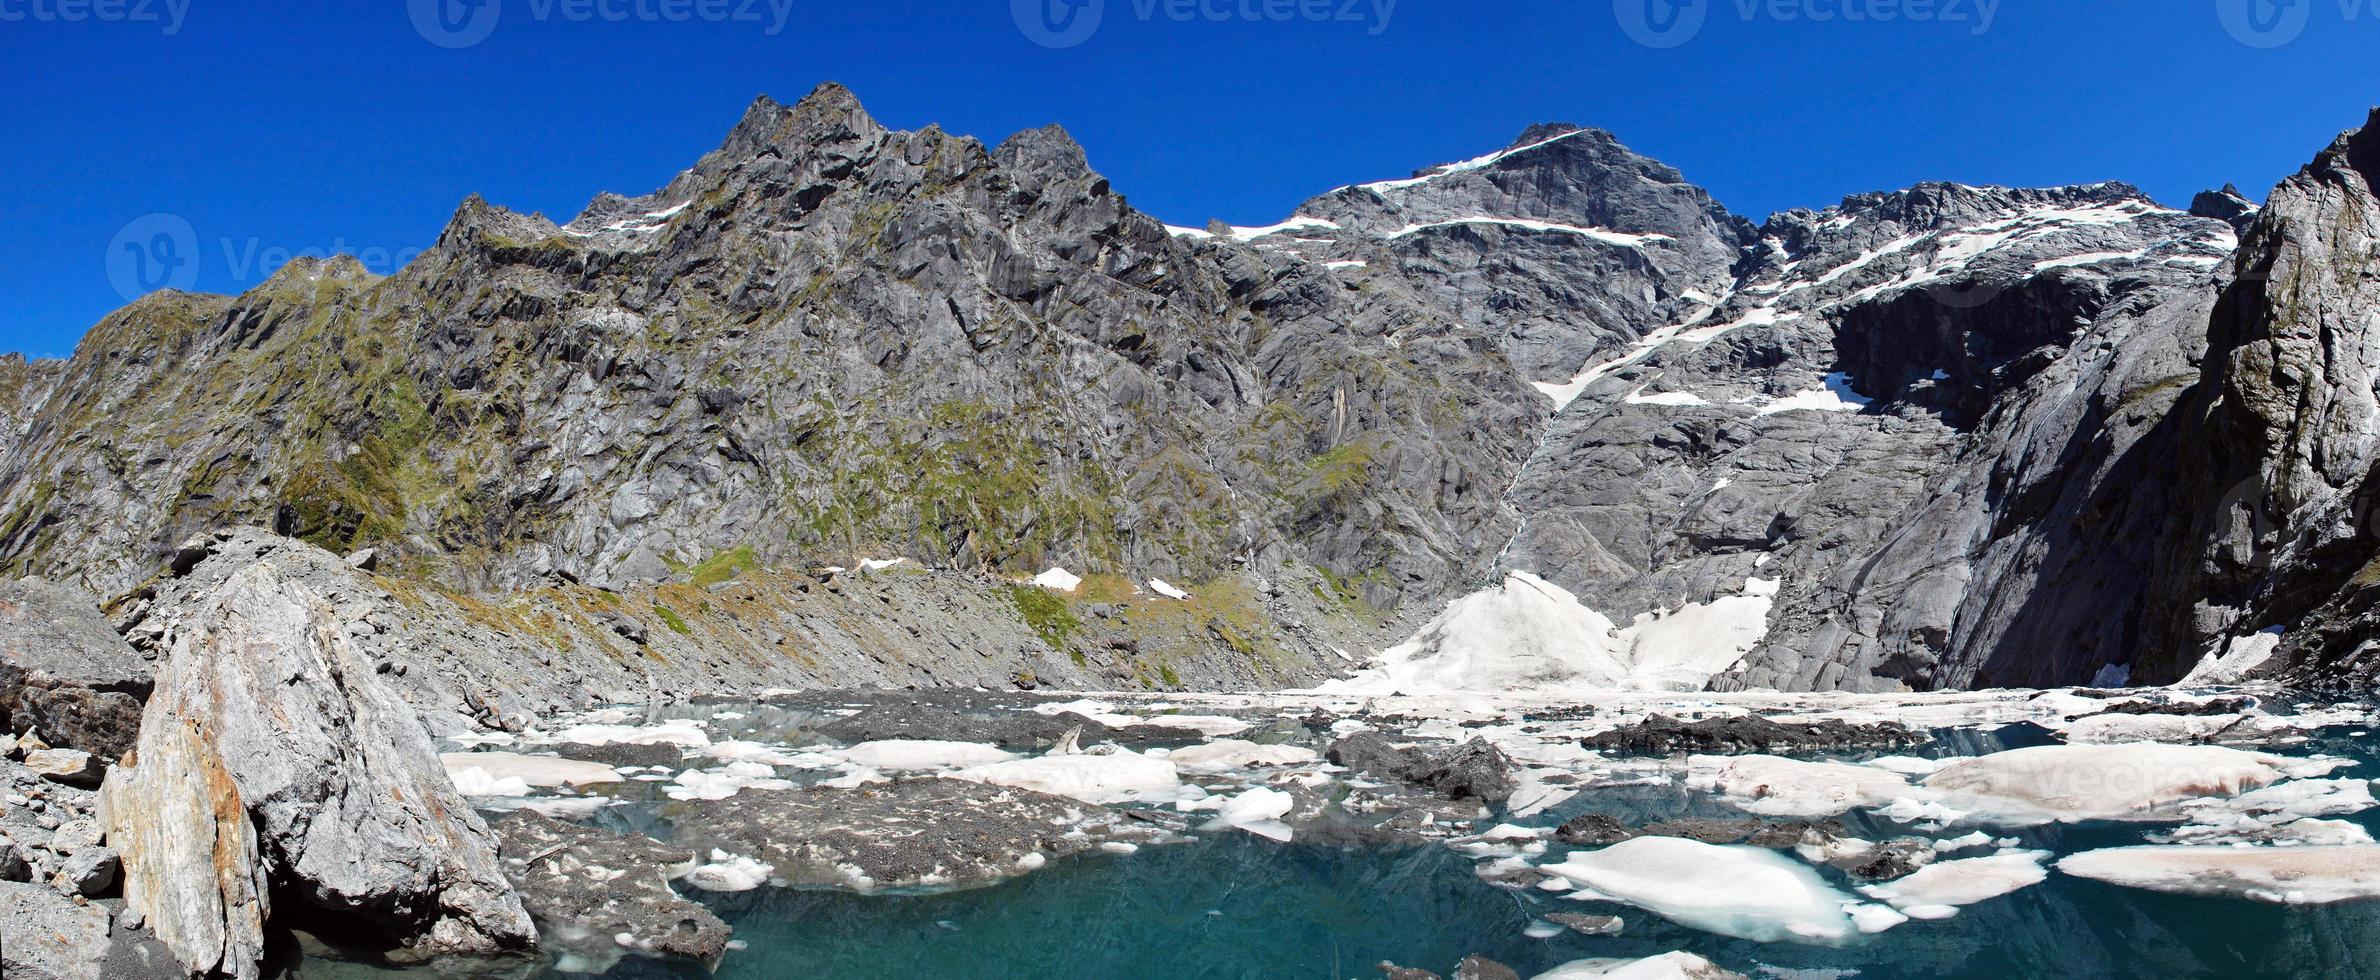 Tiegelsee im Berg aufstrebenden Nationalpark, Neuseeland foto